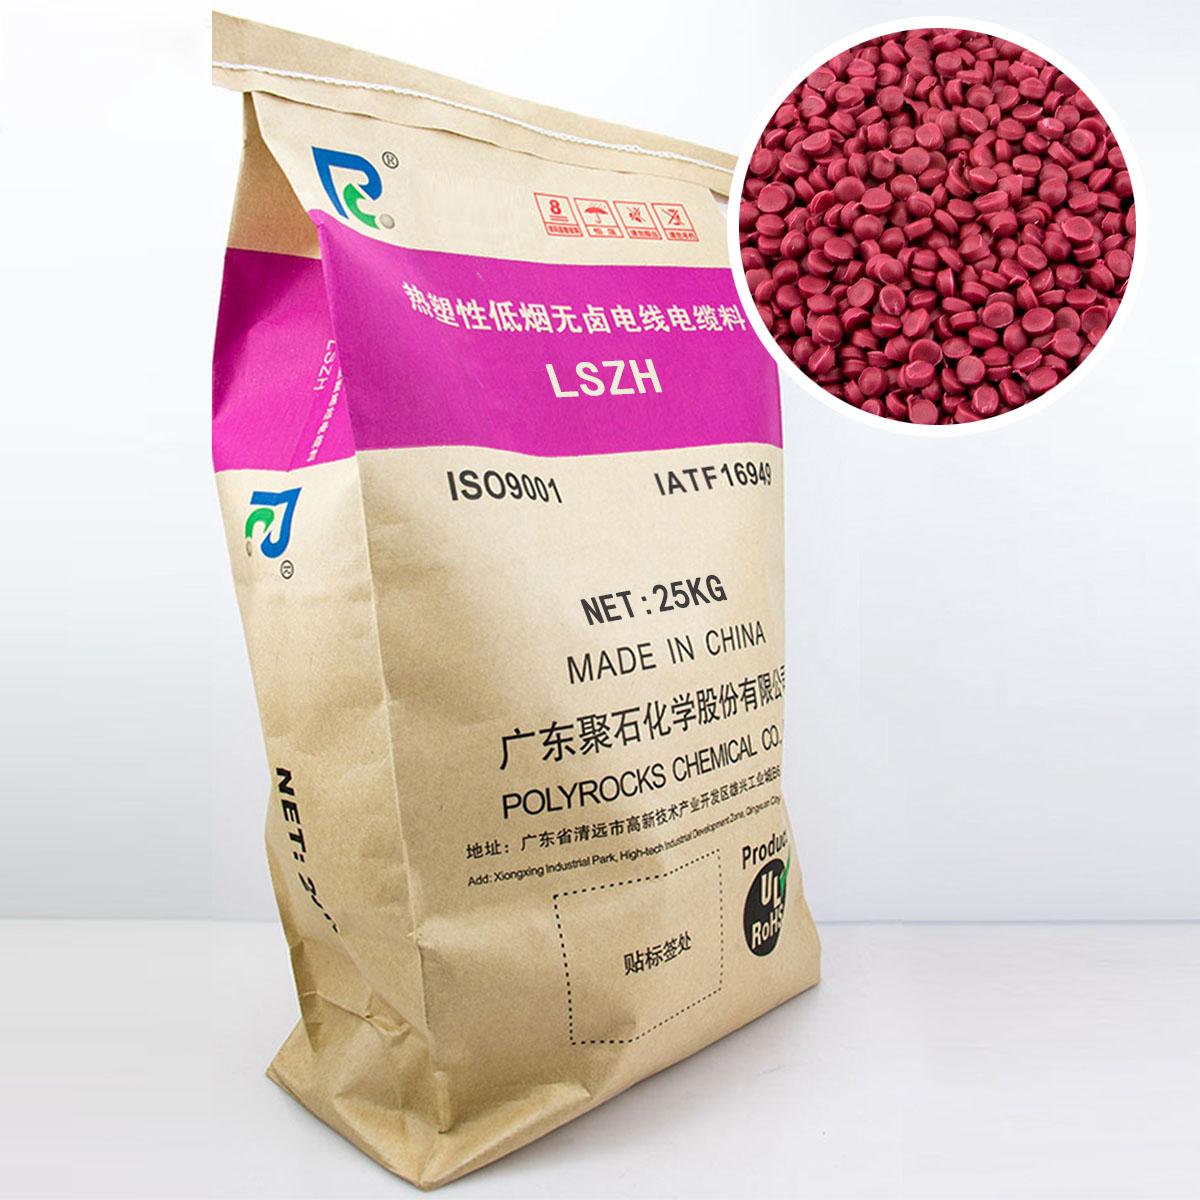 低烟无卤线缆料(殷红粒子)——聚石化学